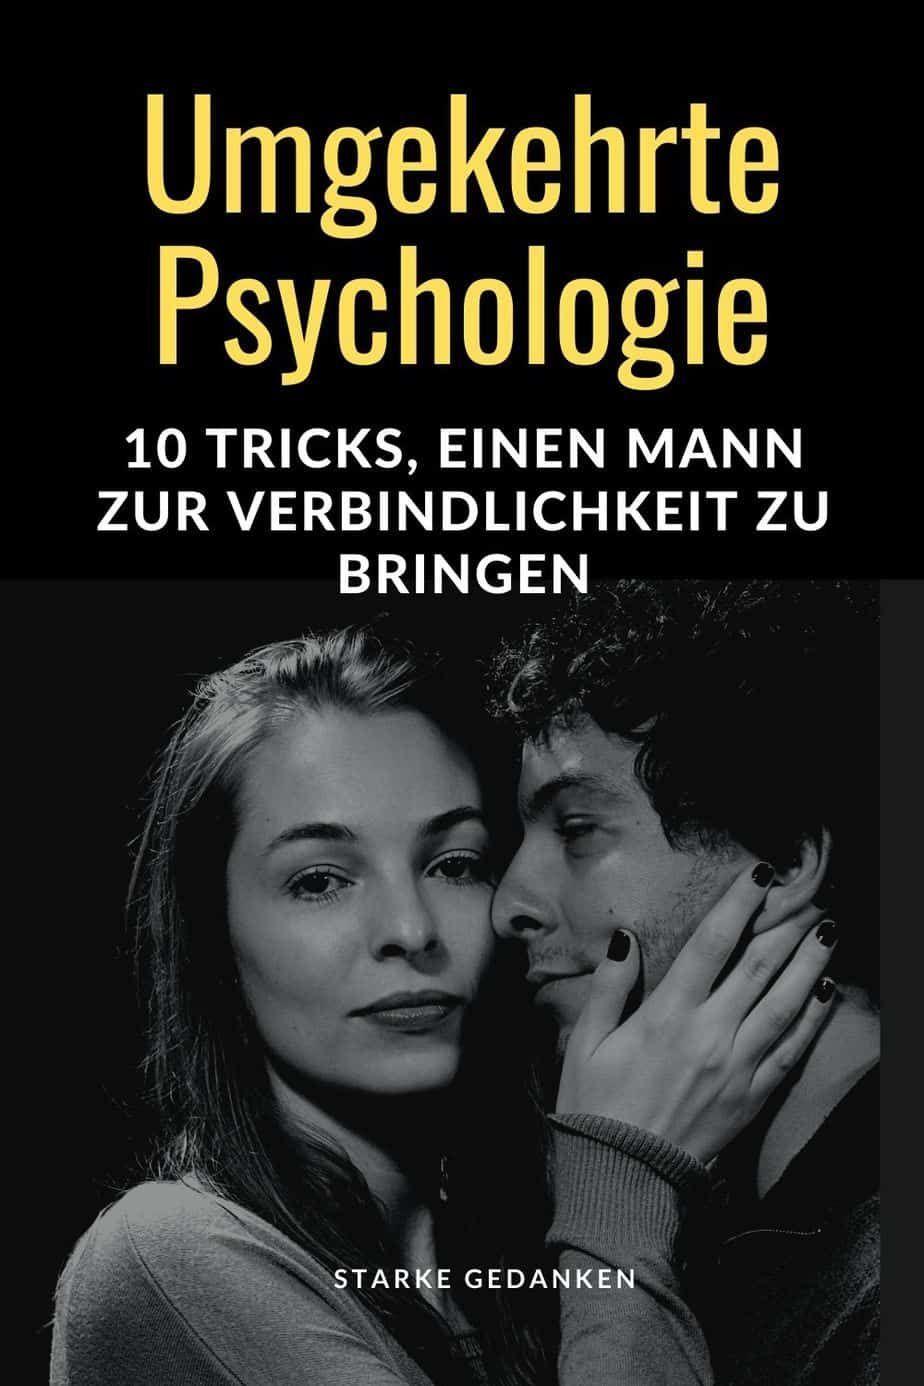 Umgekehrte Psychologie - 10 Tricks, einen Mann zur